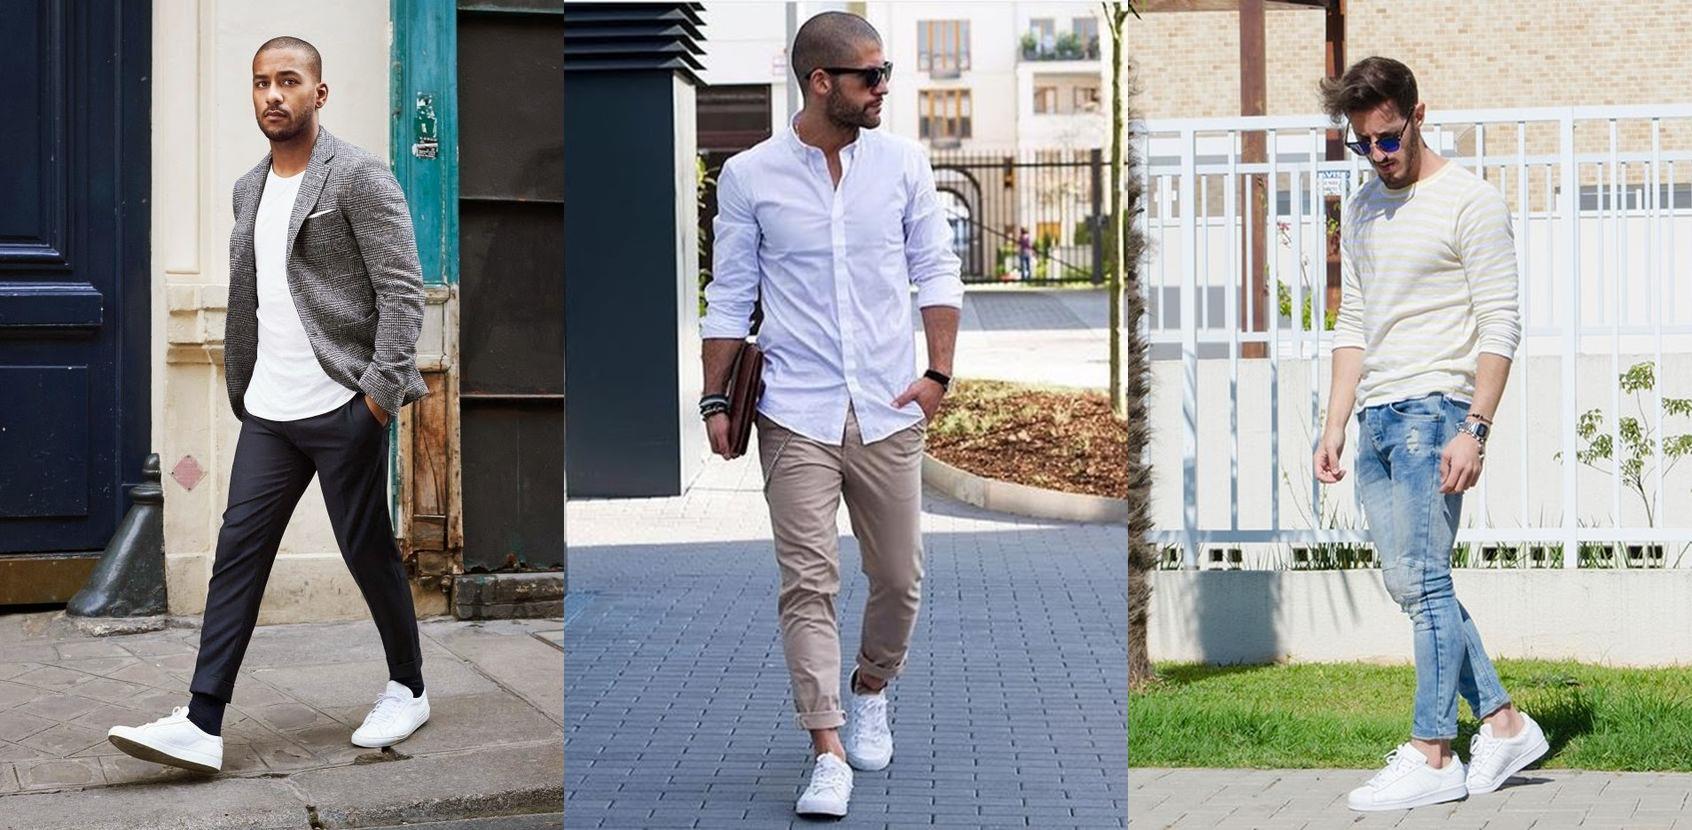 como-usar-tenis-branco-masculino-dicas-de-moda-dicas-de-estilo-moda-masculina-como-ser-estiloso-como-ter-estilo-alex-cursino-moda-sem-censura-blog-de-moda-digital-influencer-social-media